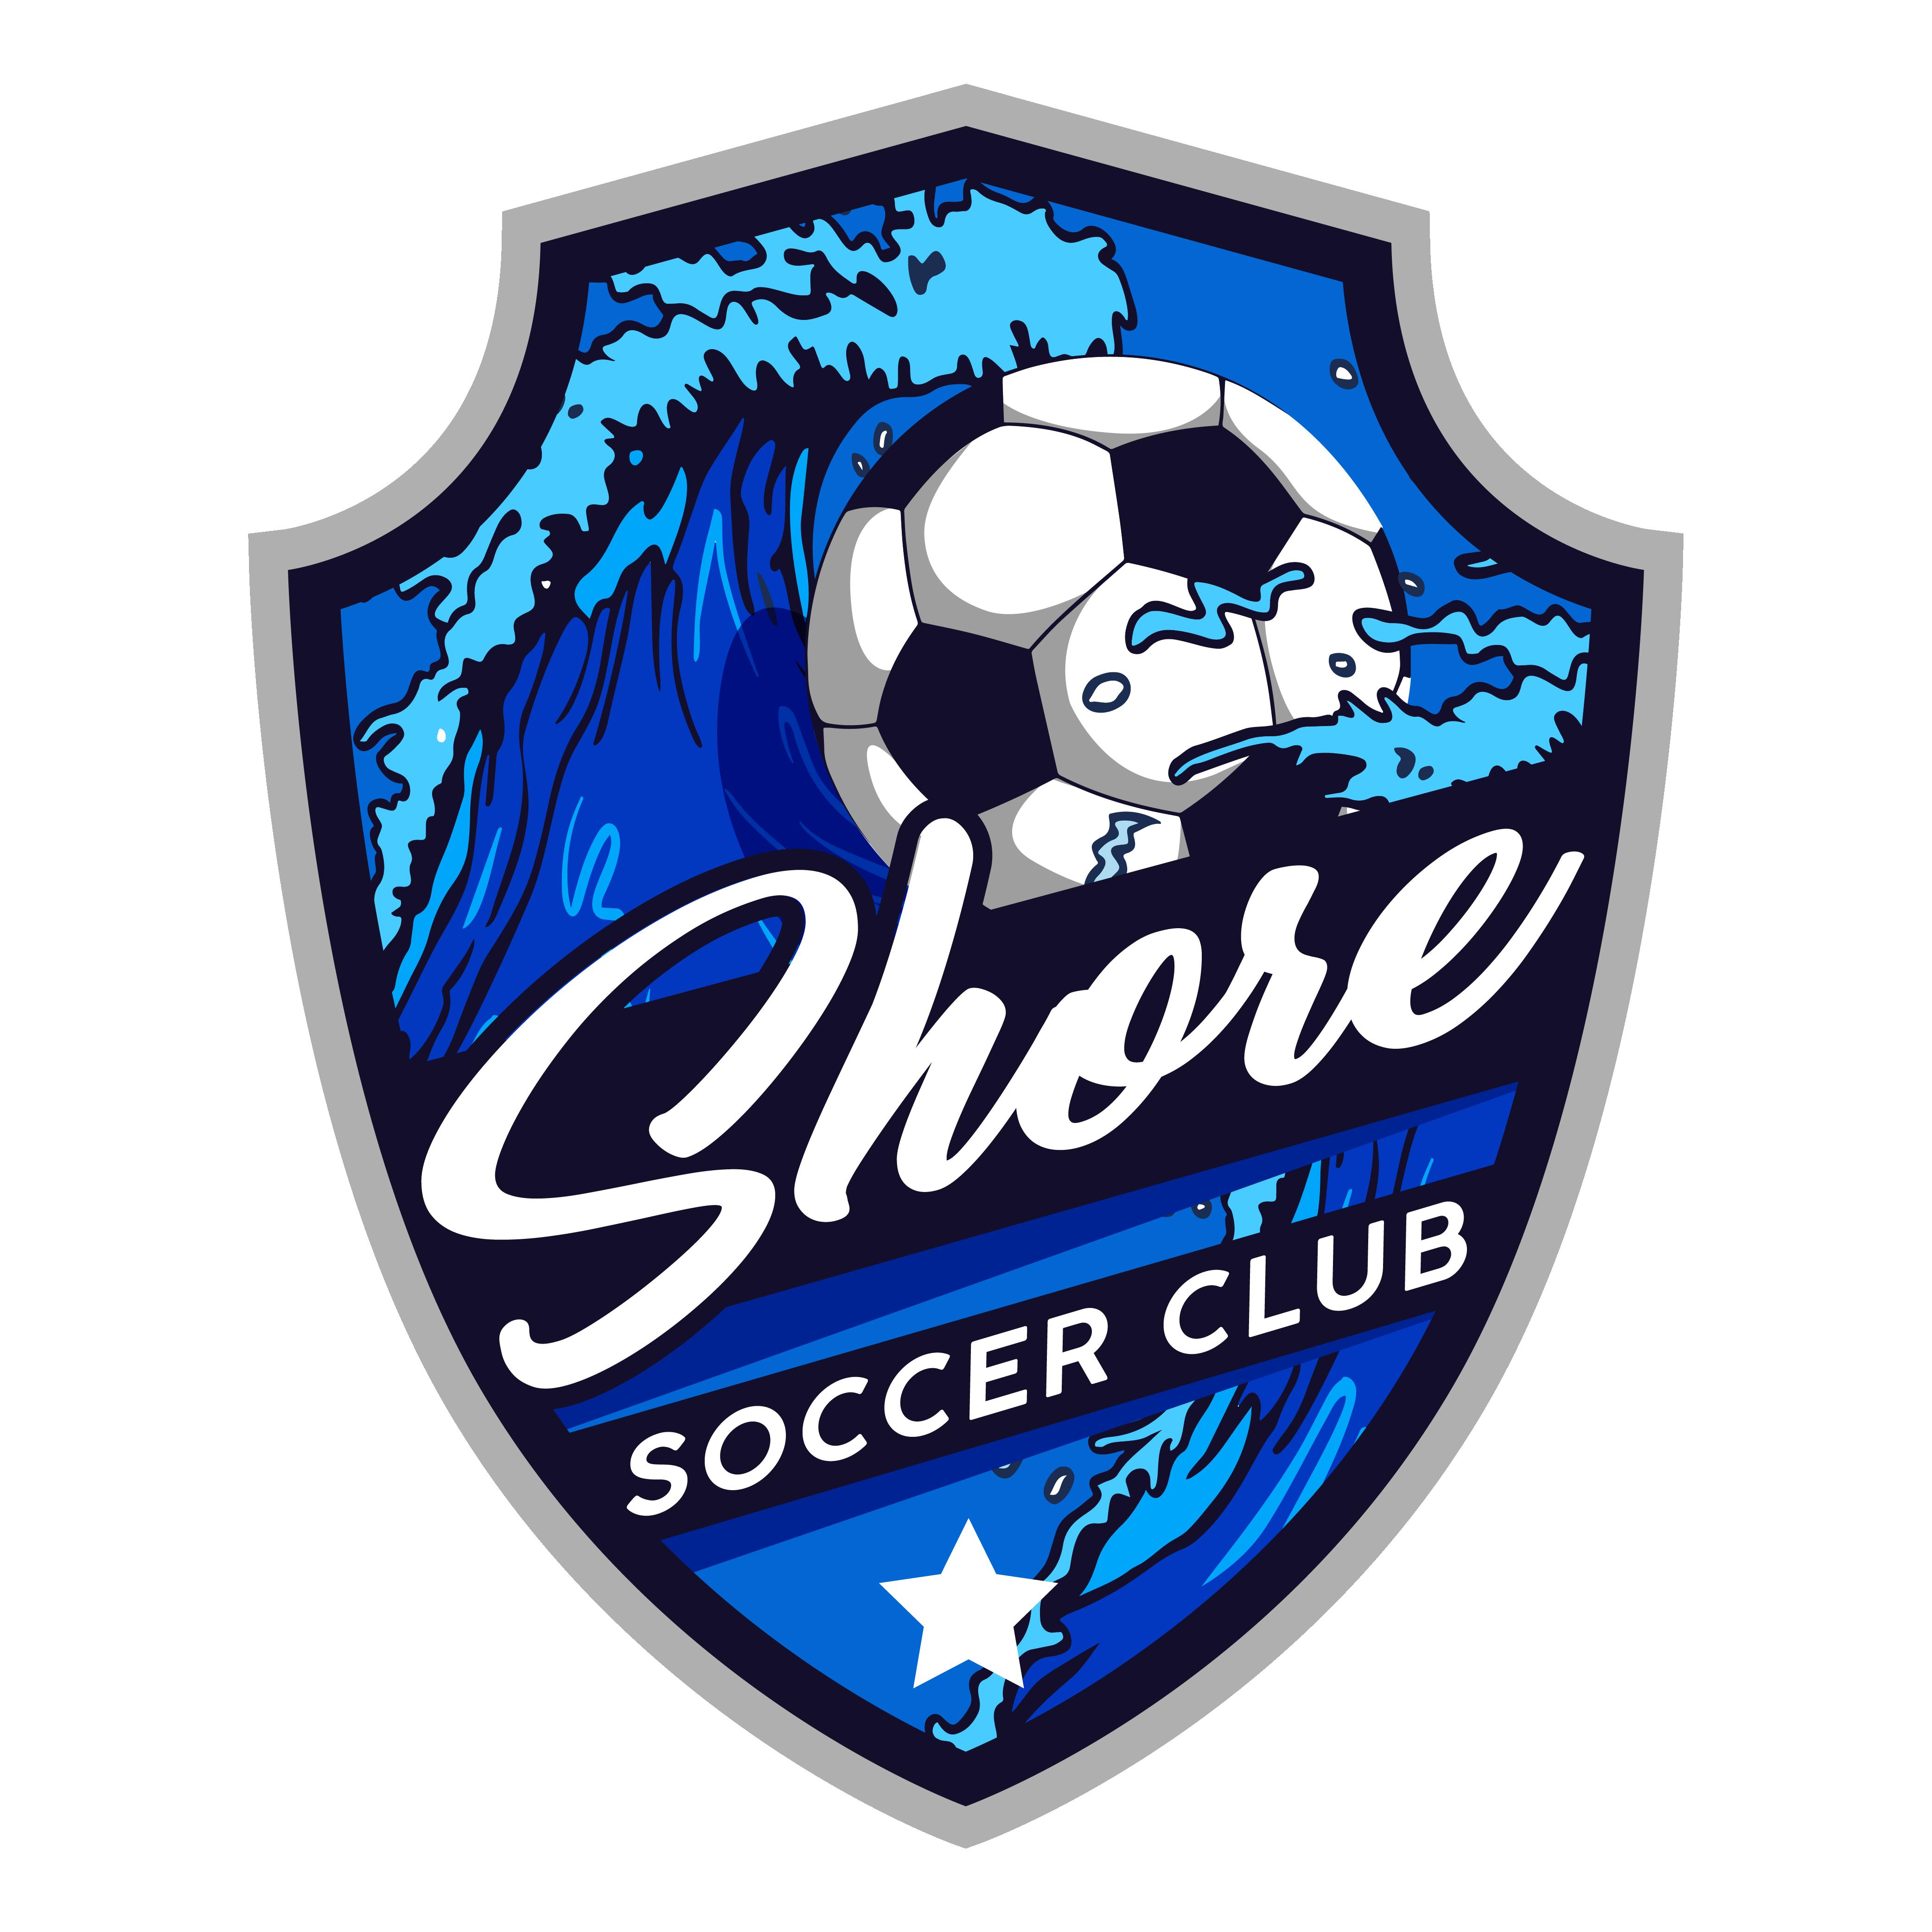 Shore Soccer Club Emblem